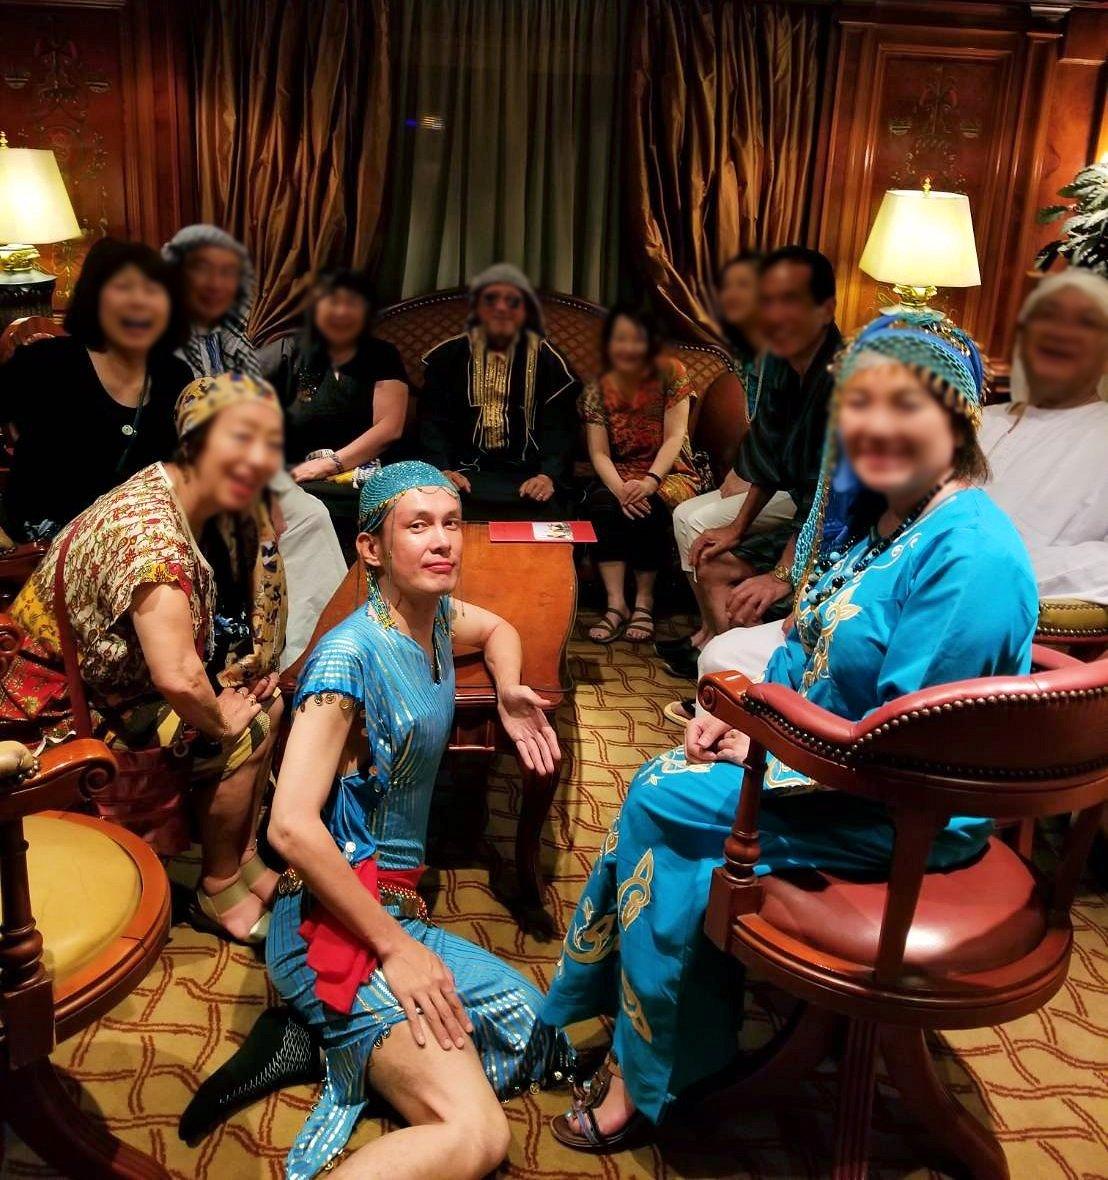 エジプト旅行 ブログ 口コミ ガラベイヤ 女装 セクシー